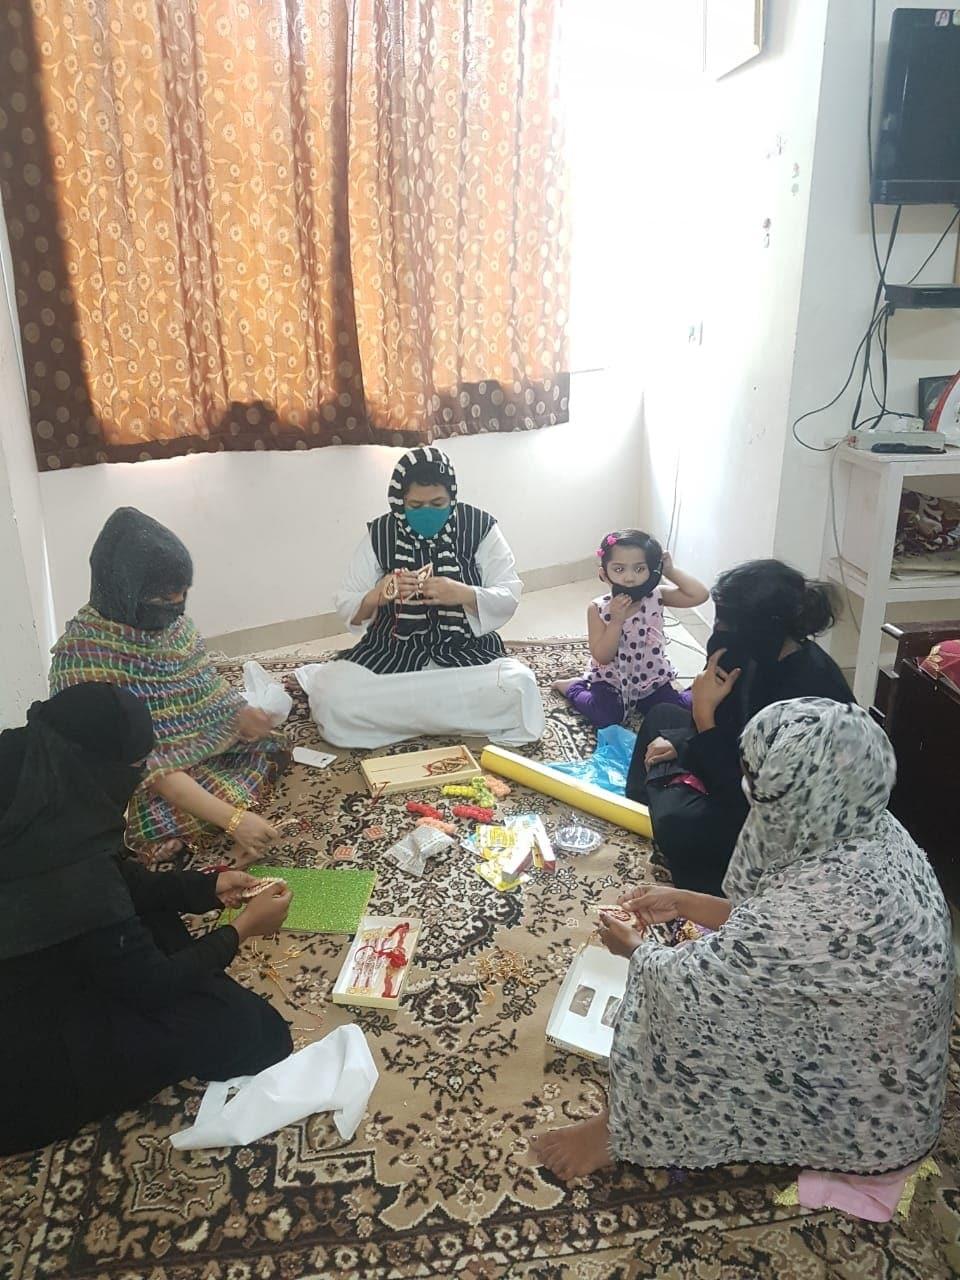 مسلم راشٹریہ منچ سے وابستہ میرٹھ کی خواتین نے رکشا بندھن کے موقع کو خاص بنانے اور آپسی فرقہ وارانہ اتحاد اورگنگا جمنی تہذیب کی مثال پیش کی ہے۔